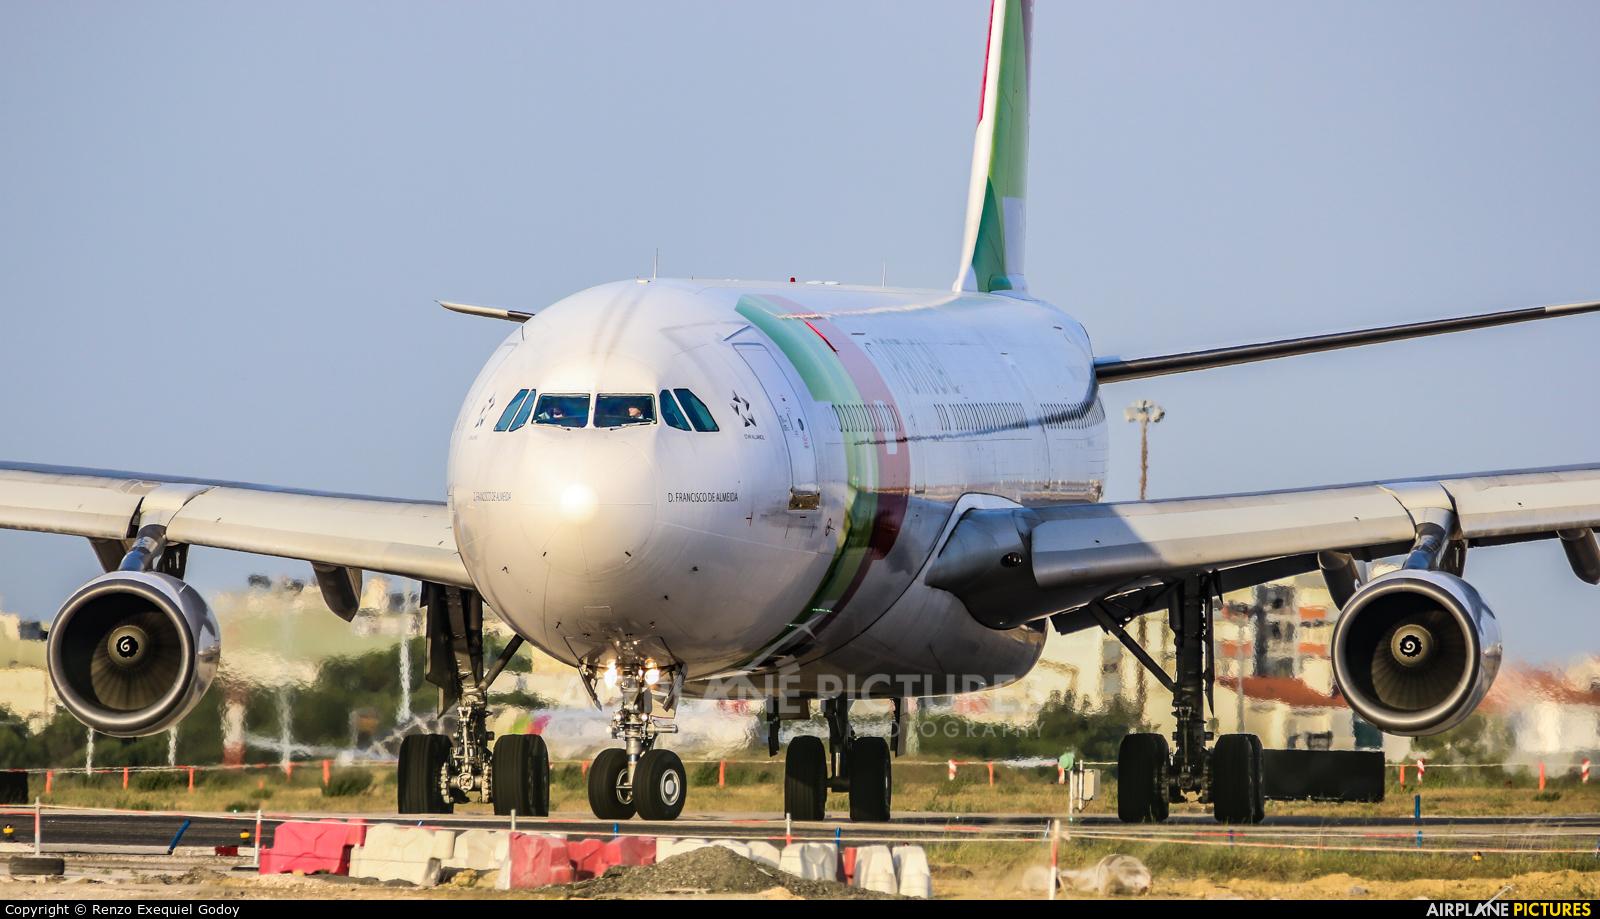 TAP Portugal CS-TOD aircraft at Lisbon